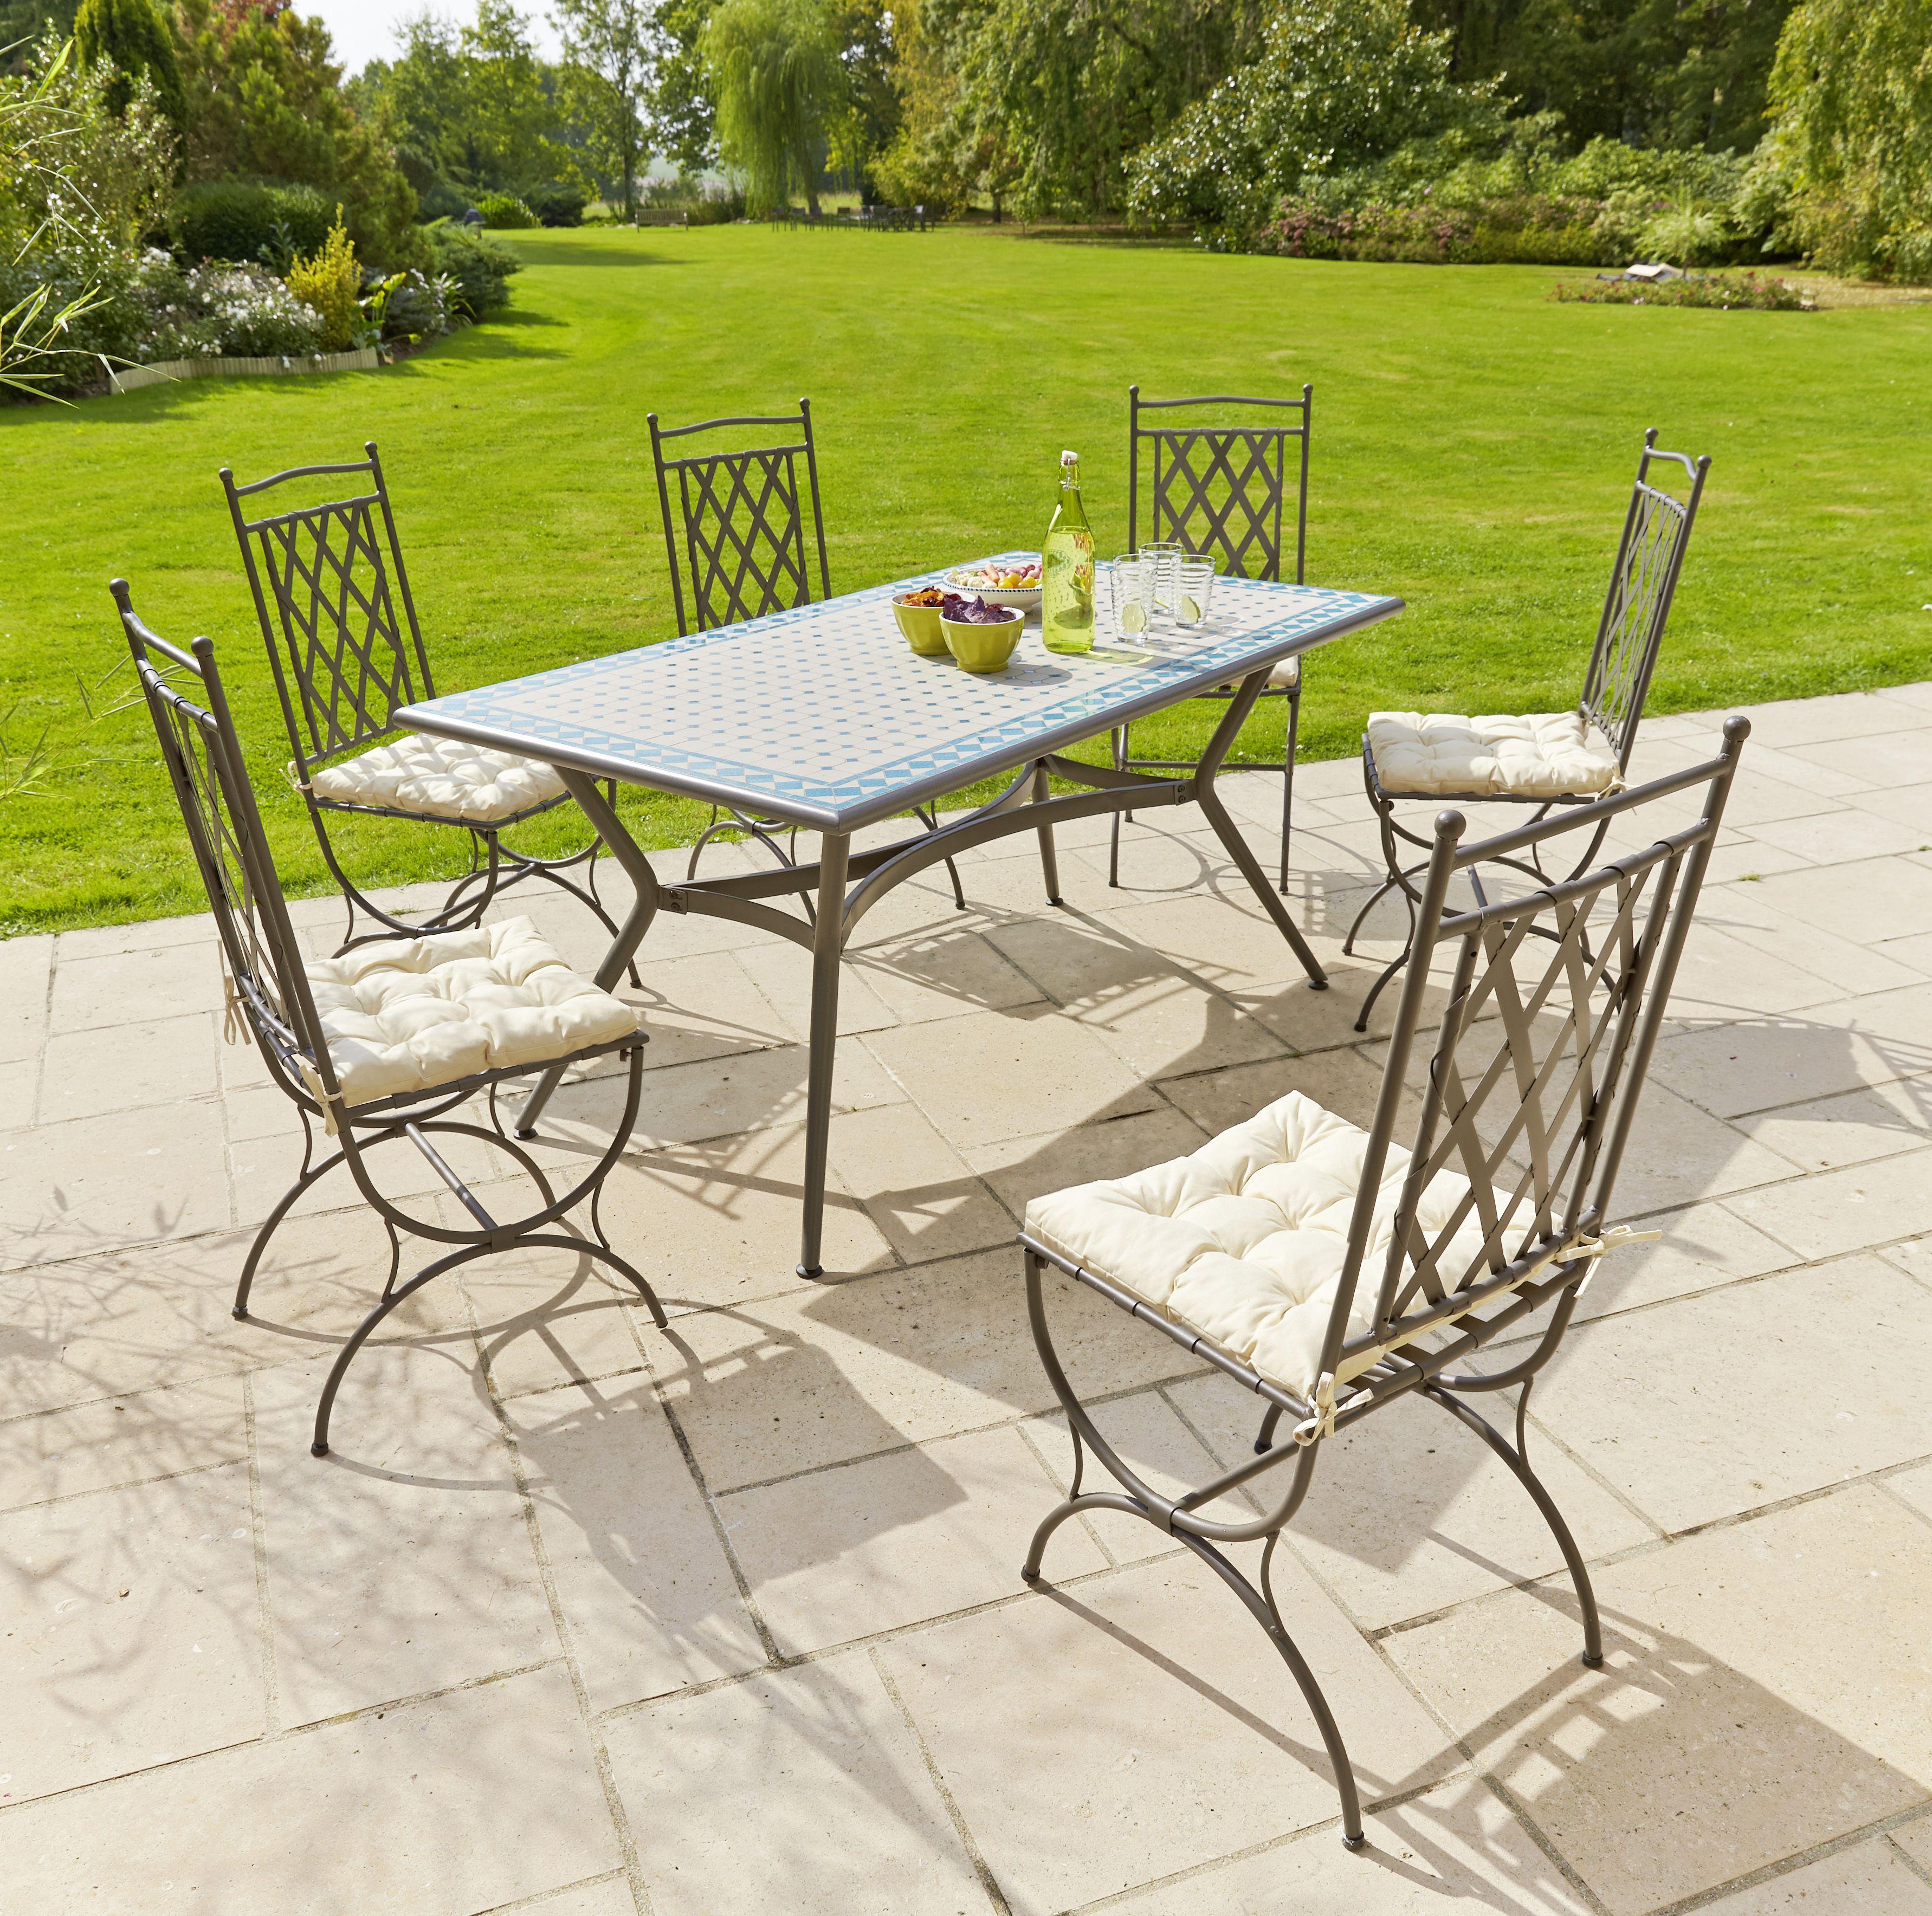 fr | Pinterest | Table mosaïque, Granit et Ambiance jardin